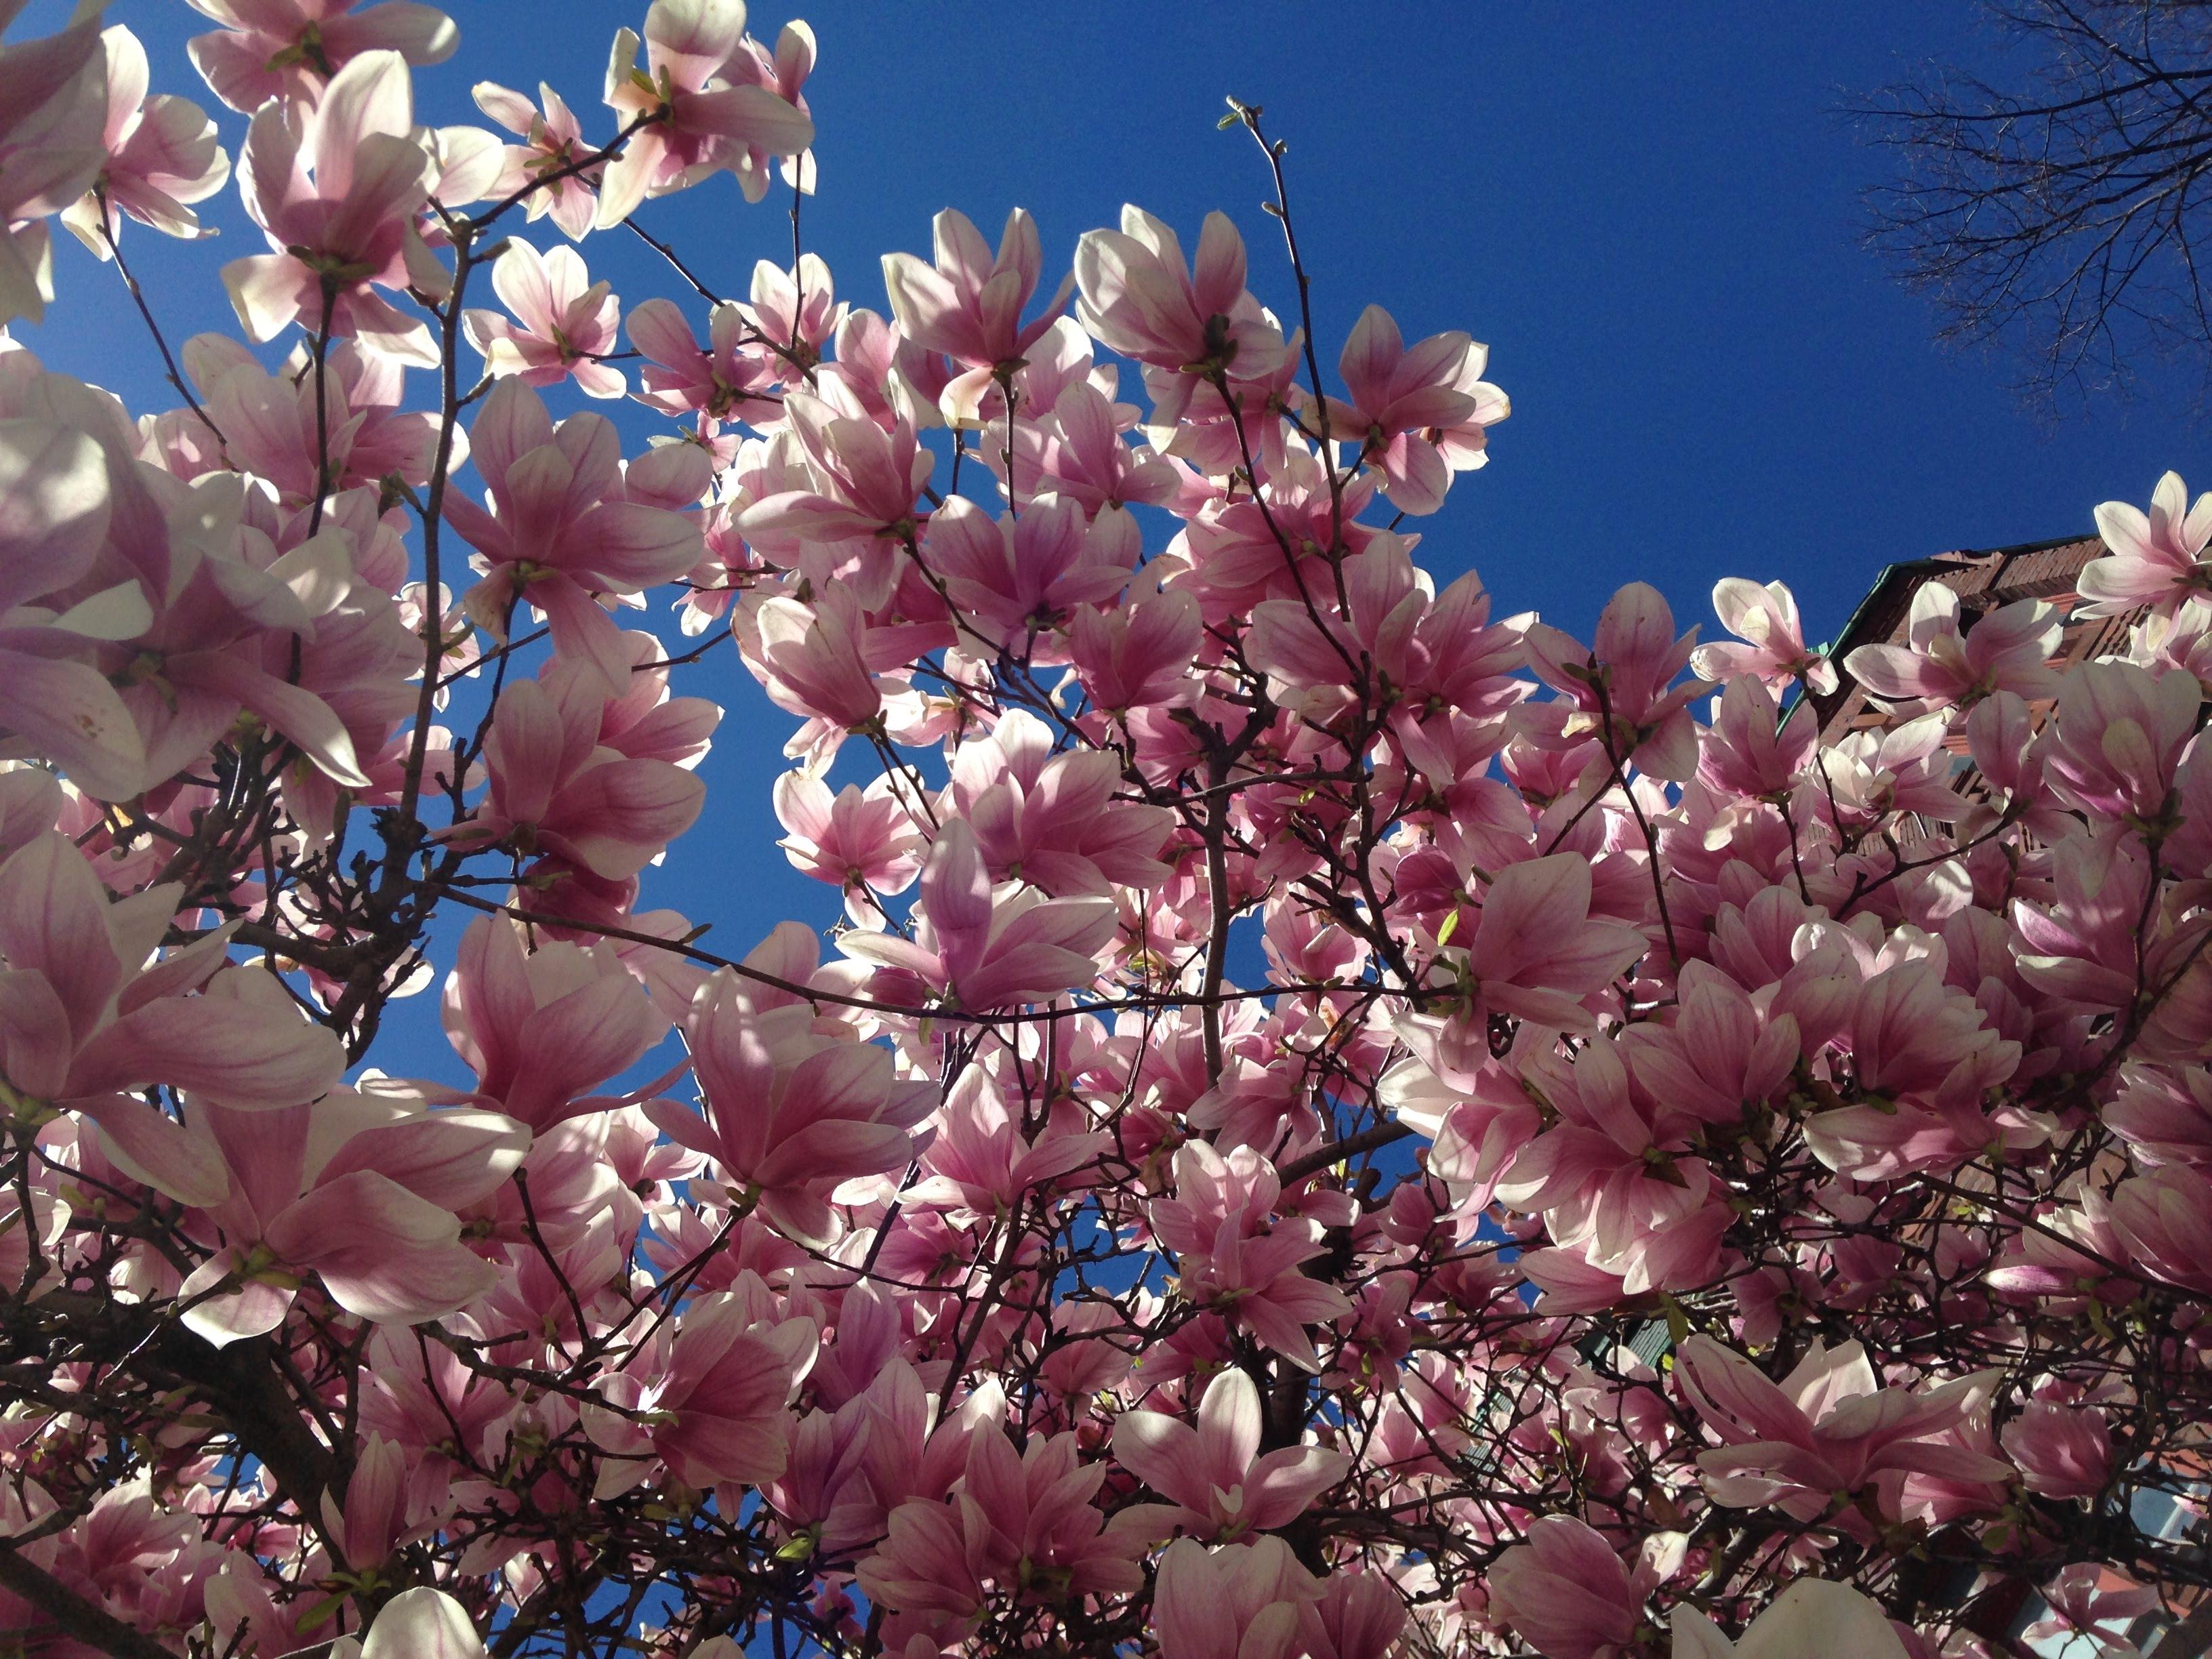 tulip magnolia tree bloom blue sky